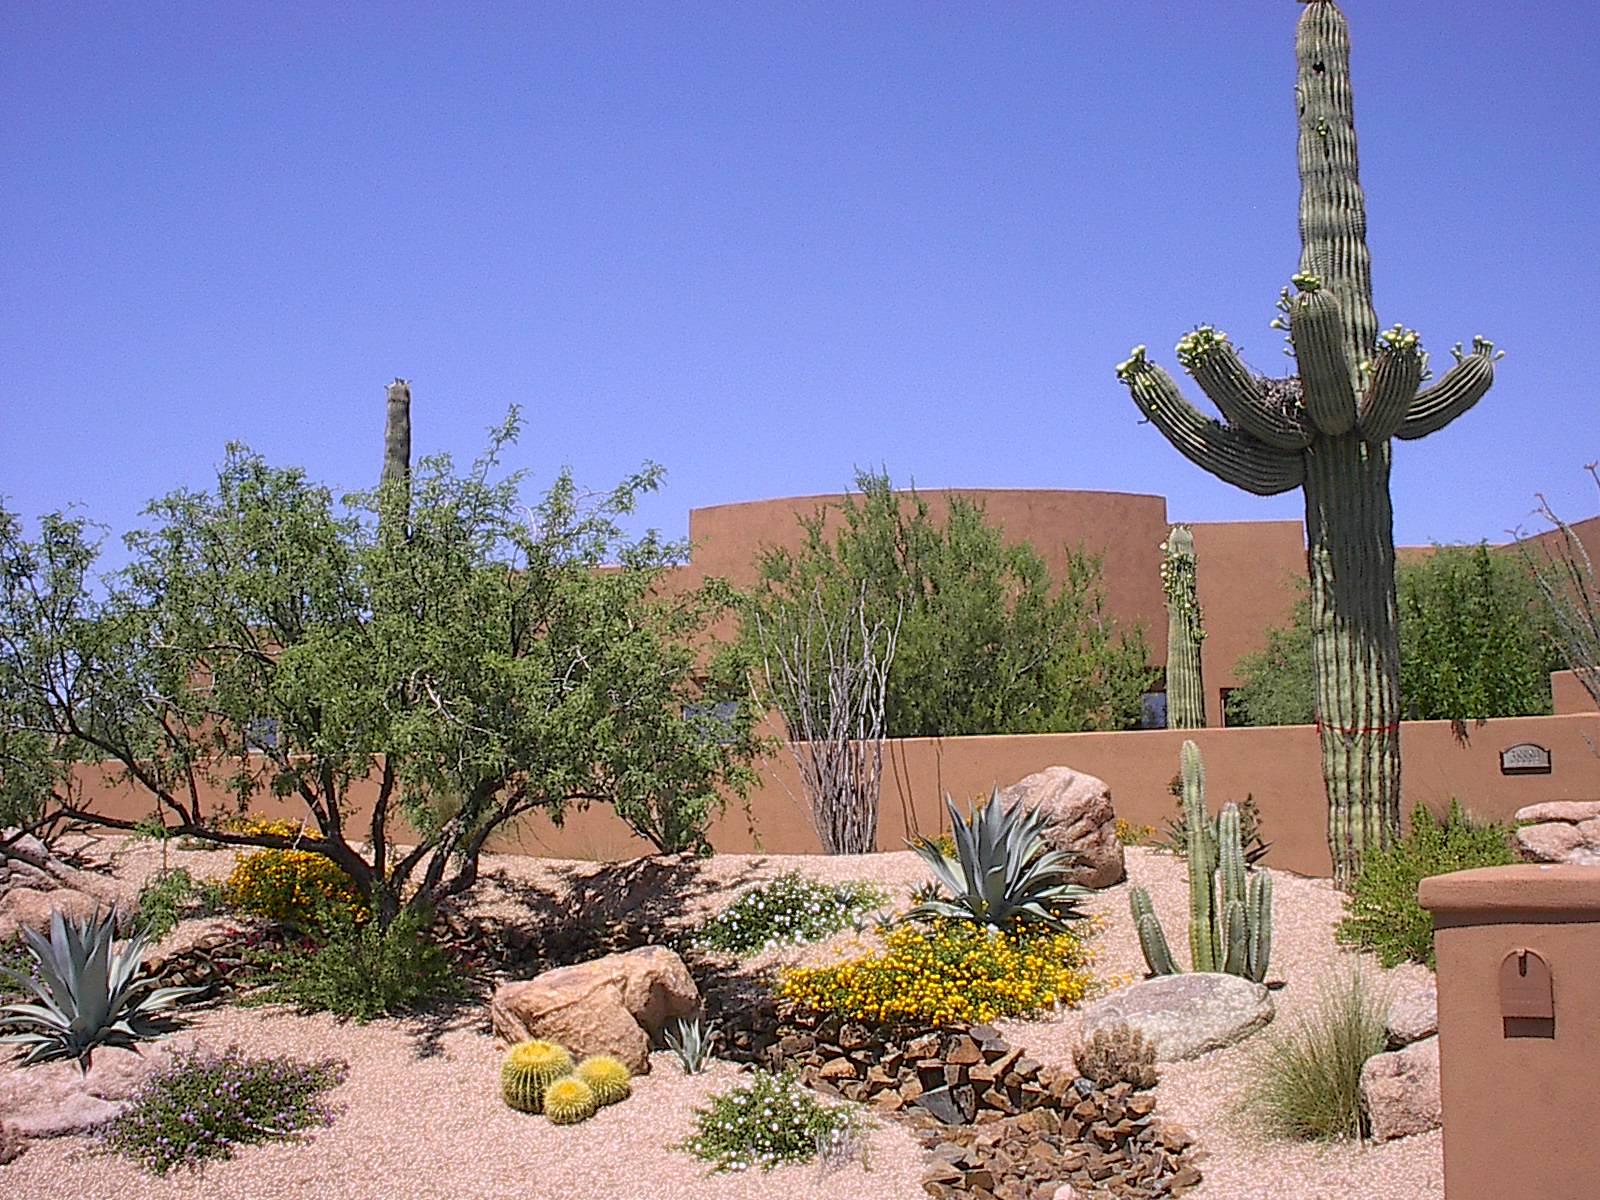 landscaper designs Drought Resistant Landscapes